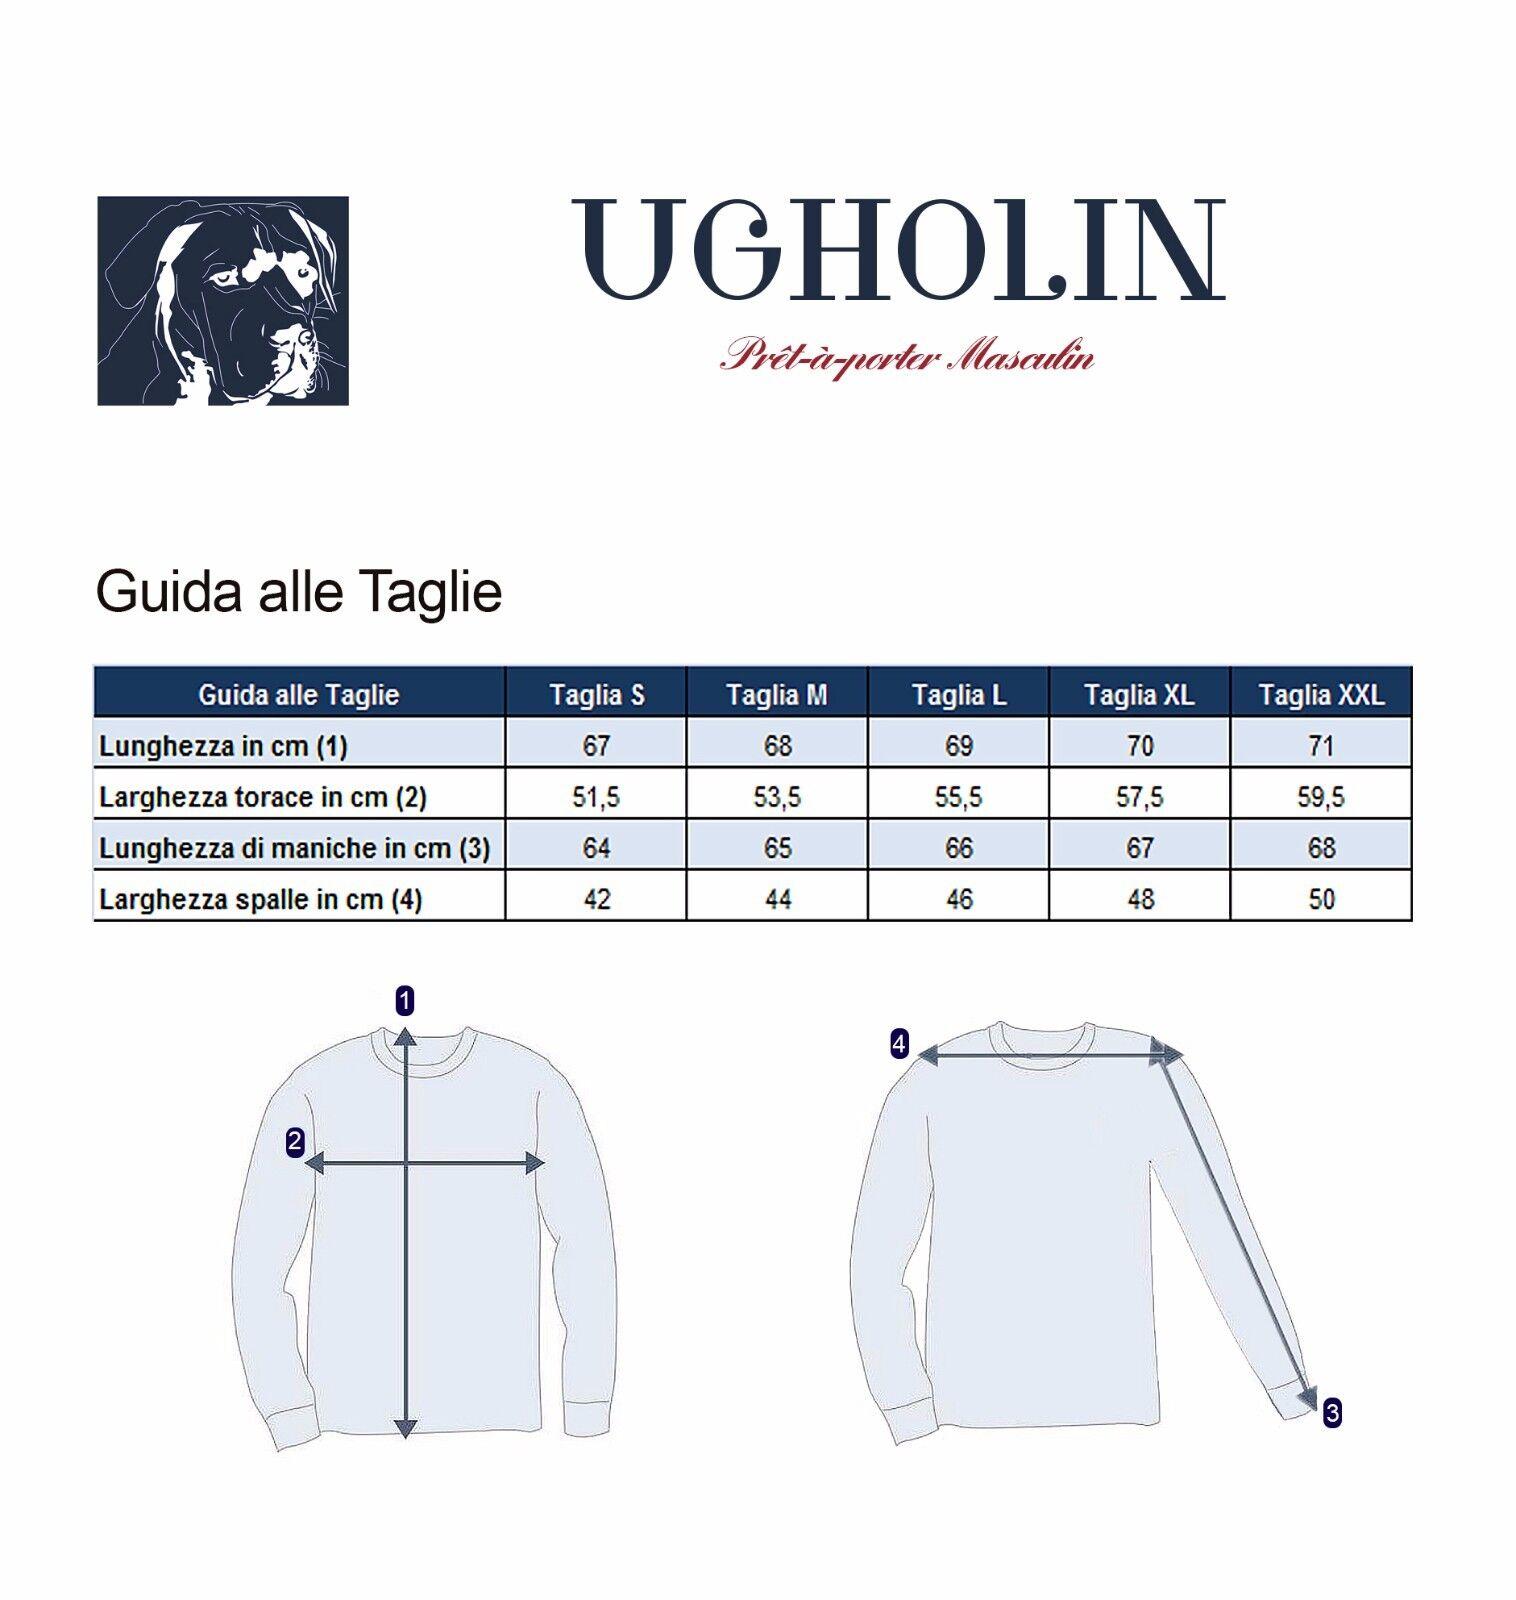 Ugholin Maglione Uomo 100% Yak Yak Yak Scollo con Cerniera Maniche Lunghe Nero 380cfd